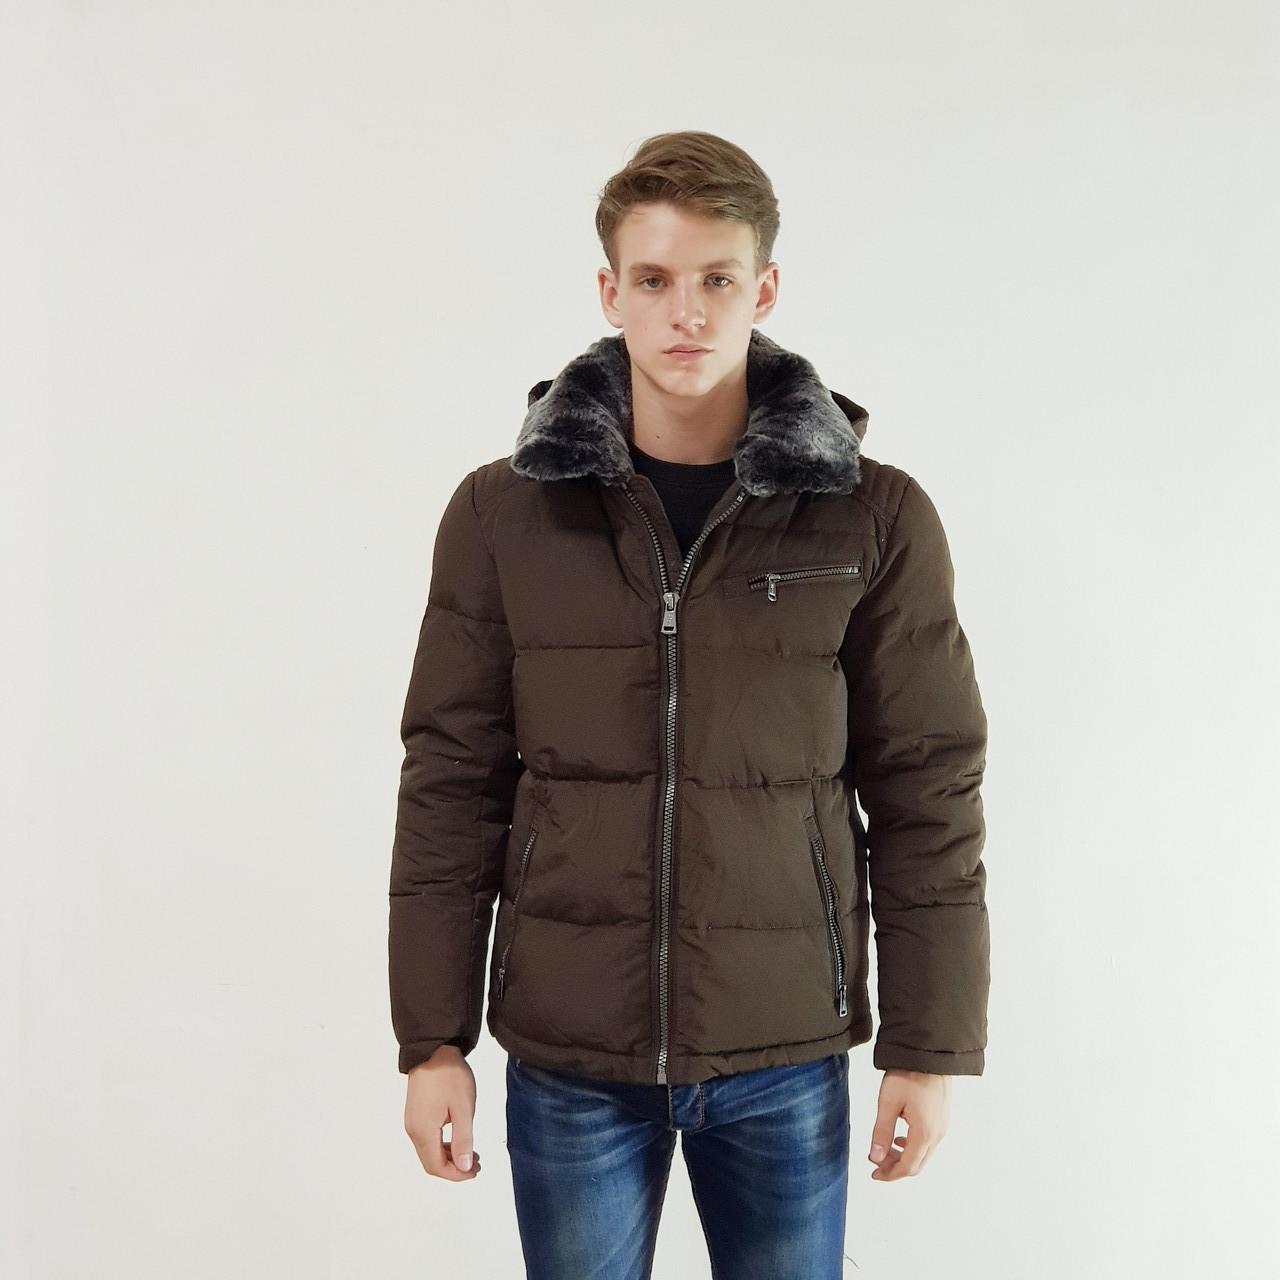 Куртка мужская зимняя Snowimage с капюшоном 50 коричневый 104-6156